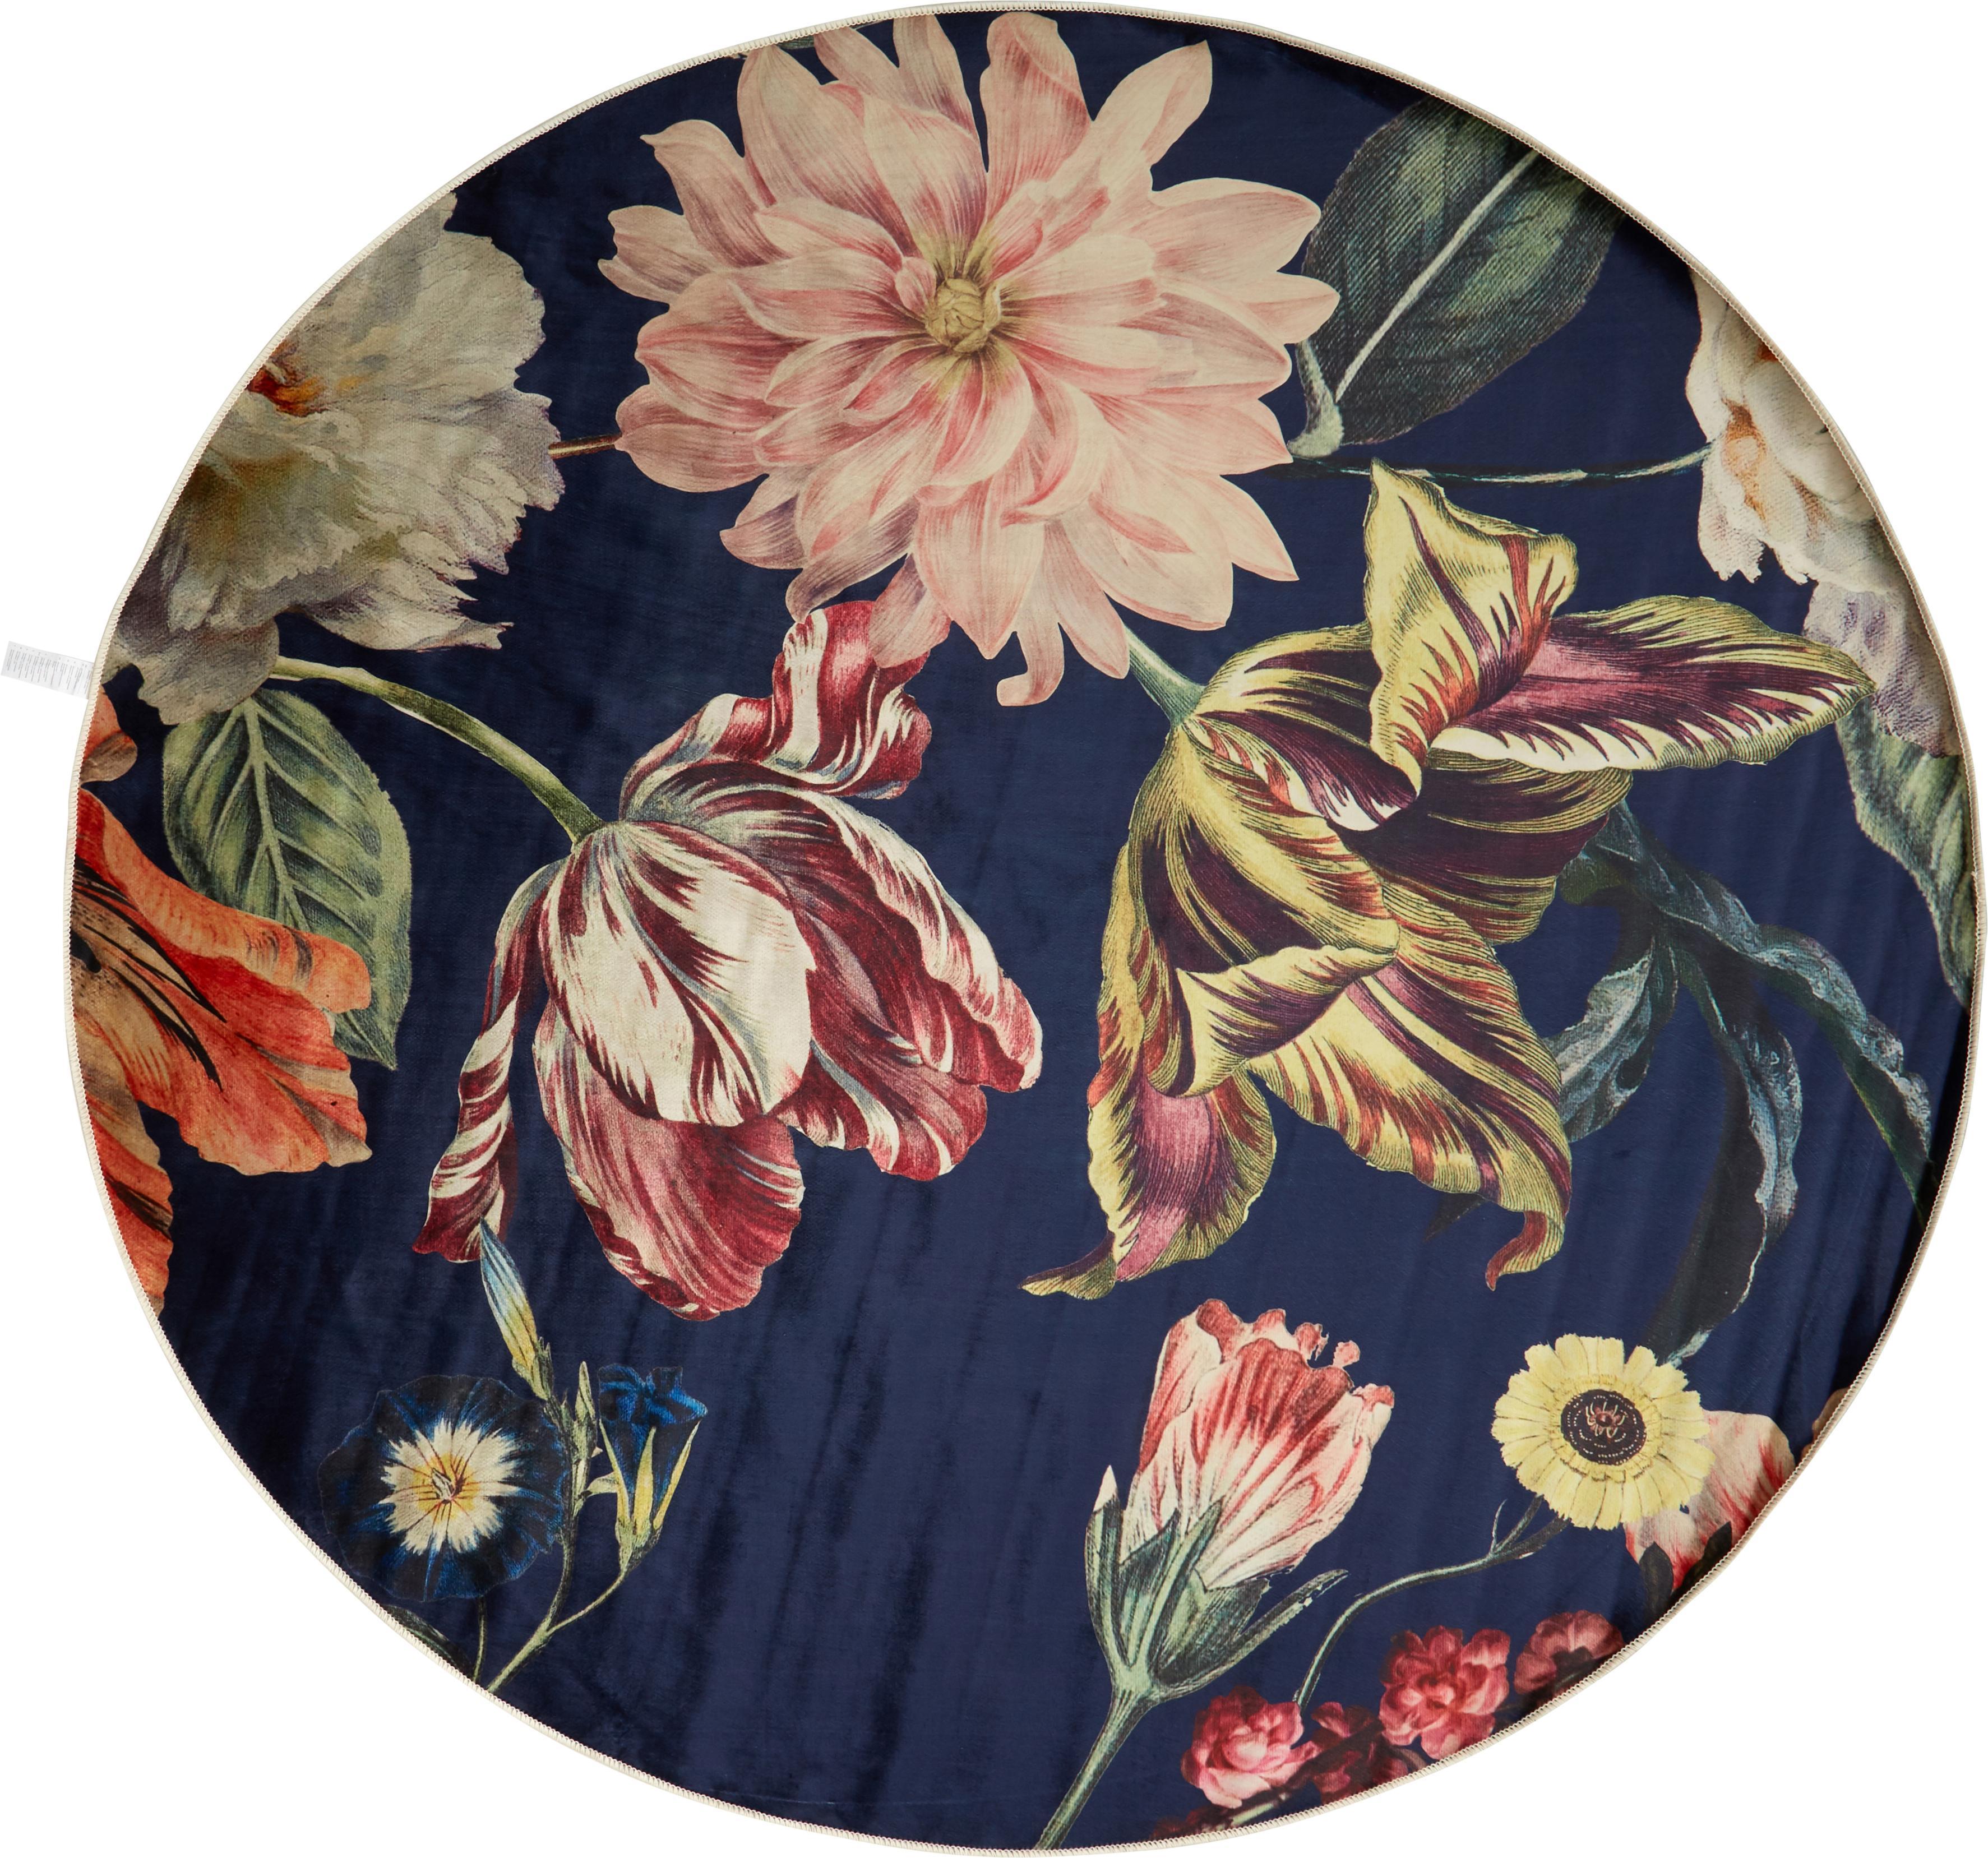 Runder Teppich Filou mit Blumenmuster, 60% Polyester, 30% thermoplastisches Polyurethan, 10% Baumwolle, Dunkelblau, Mehrfarbig, Ø 180 cm (Größe L)